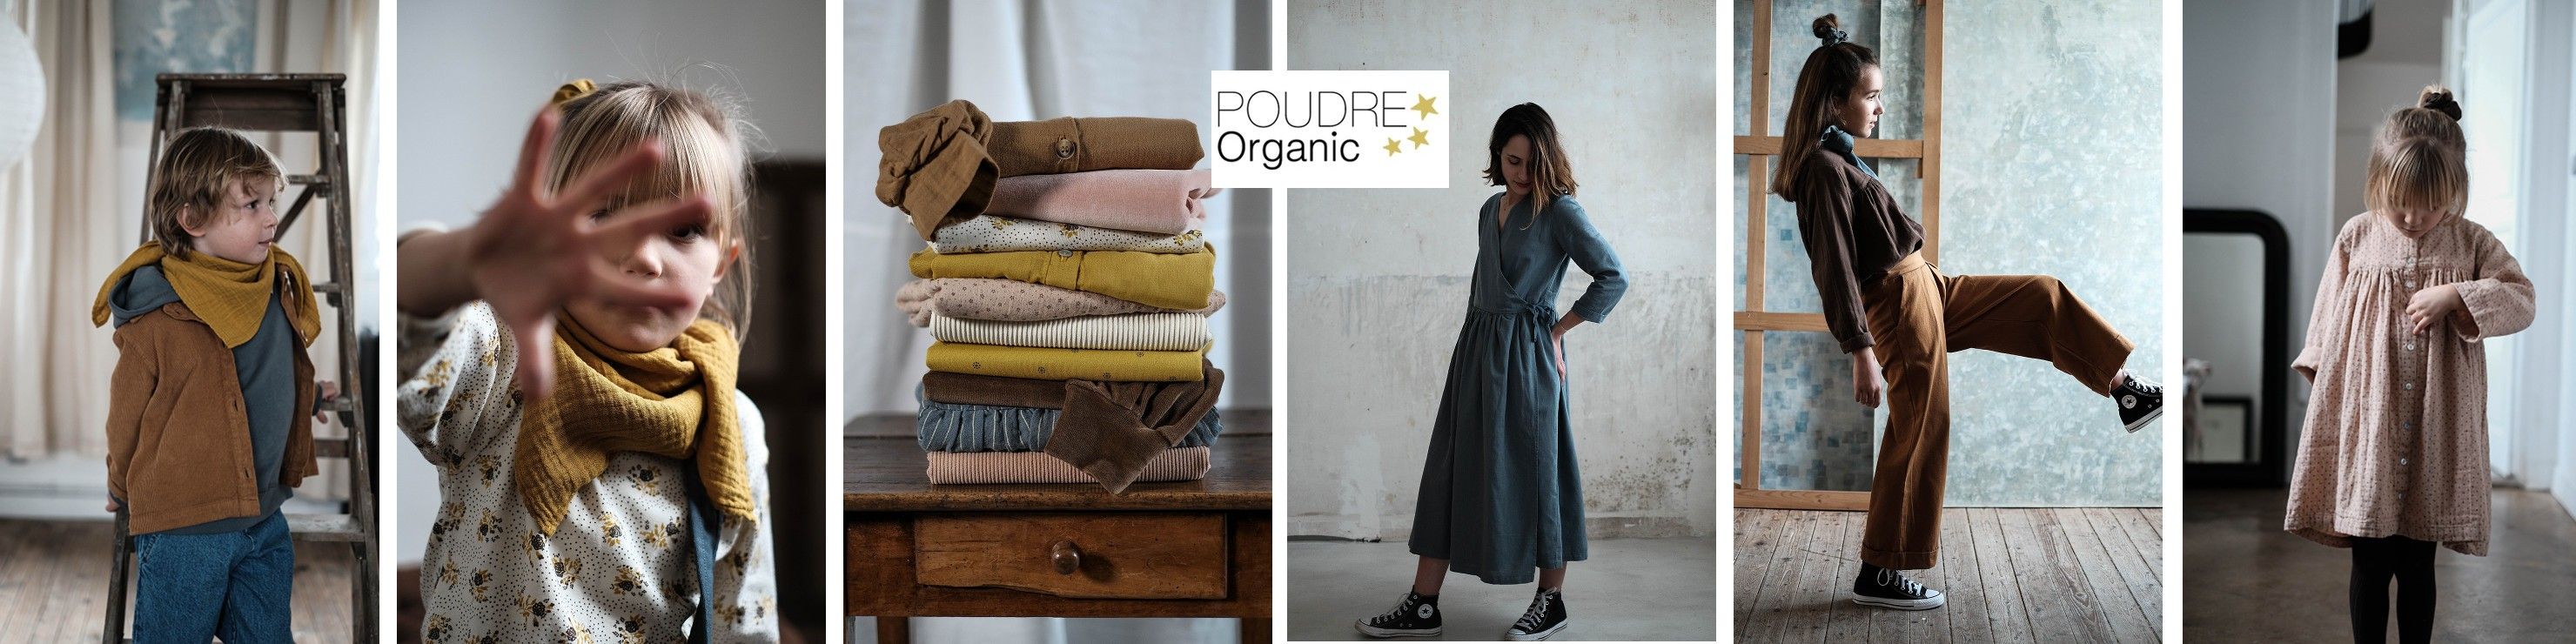 Découvrez la collection automne/hiver 2020 de Poudre Organic, la marque française engagée et responsable pour vos enfants : Les Ormes